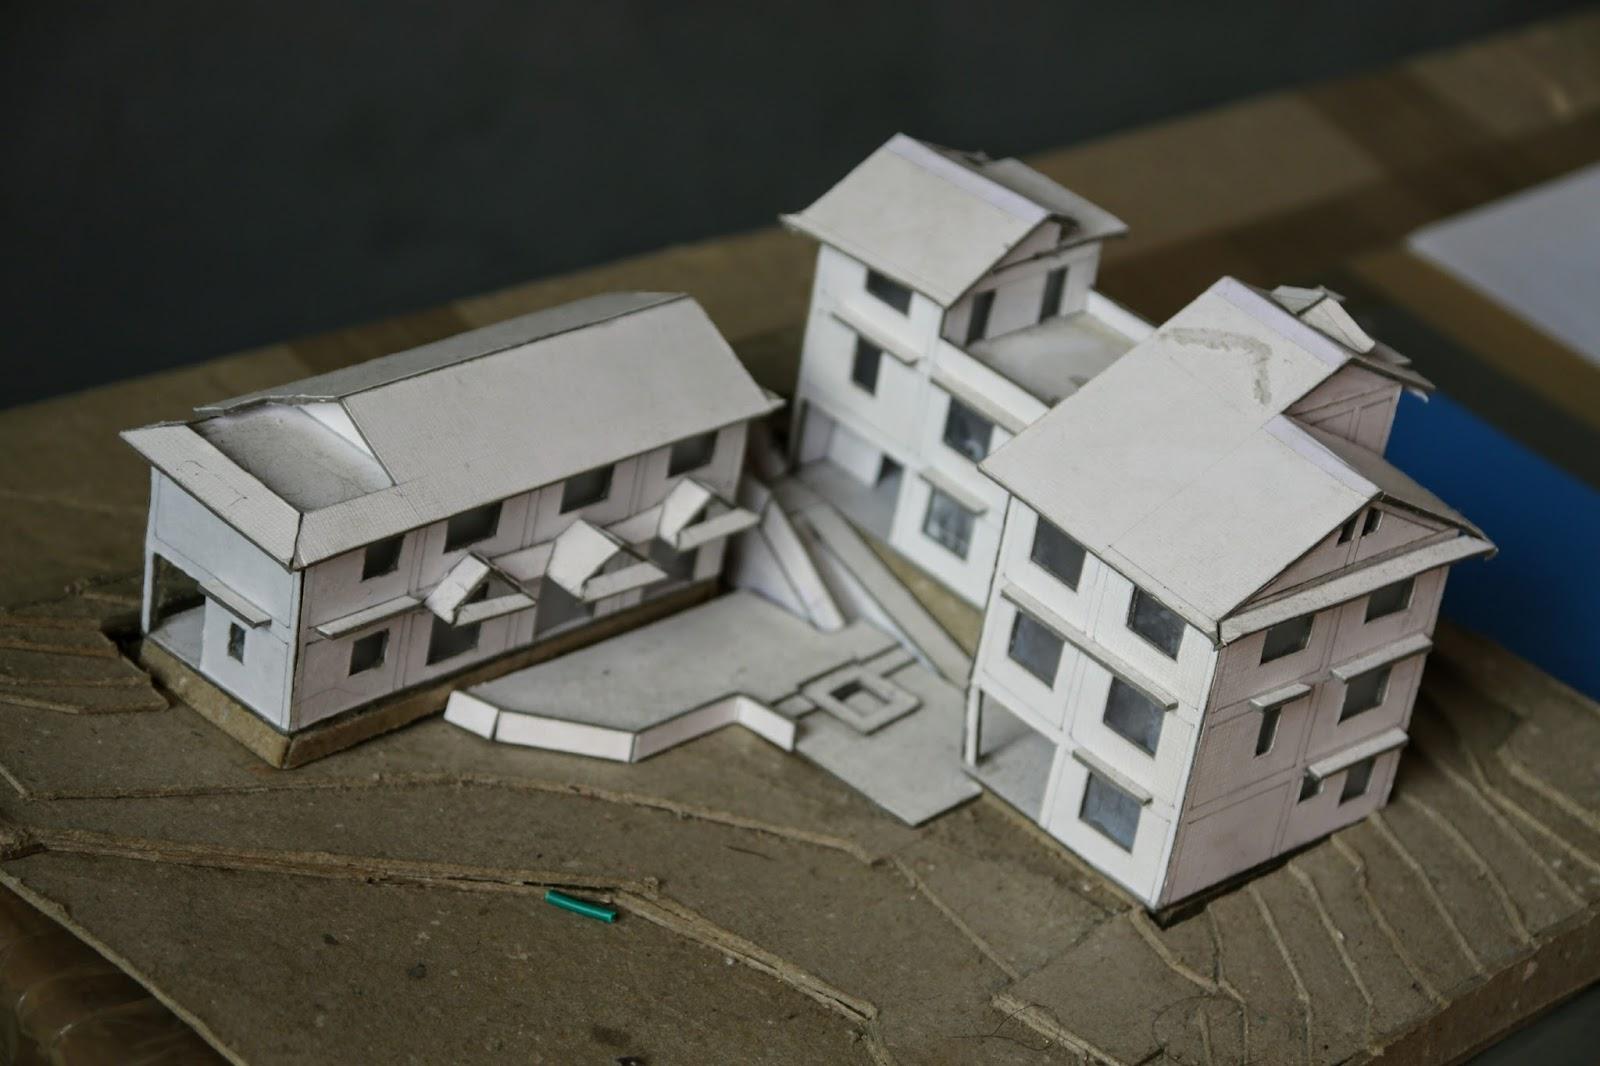 2/3 Der 350.000u20ac ( Für Grund, Haus Und Mobiliar) Sind Schon Vorhanden Und  Verbaut. Ein Kleines Pappmodell